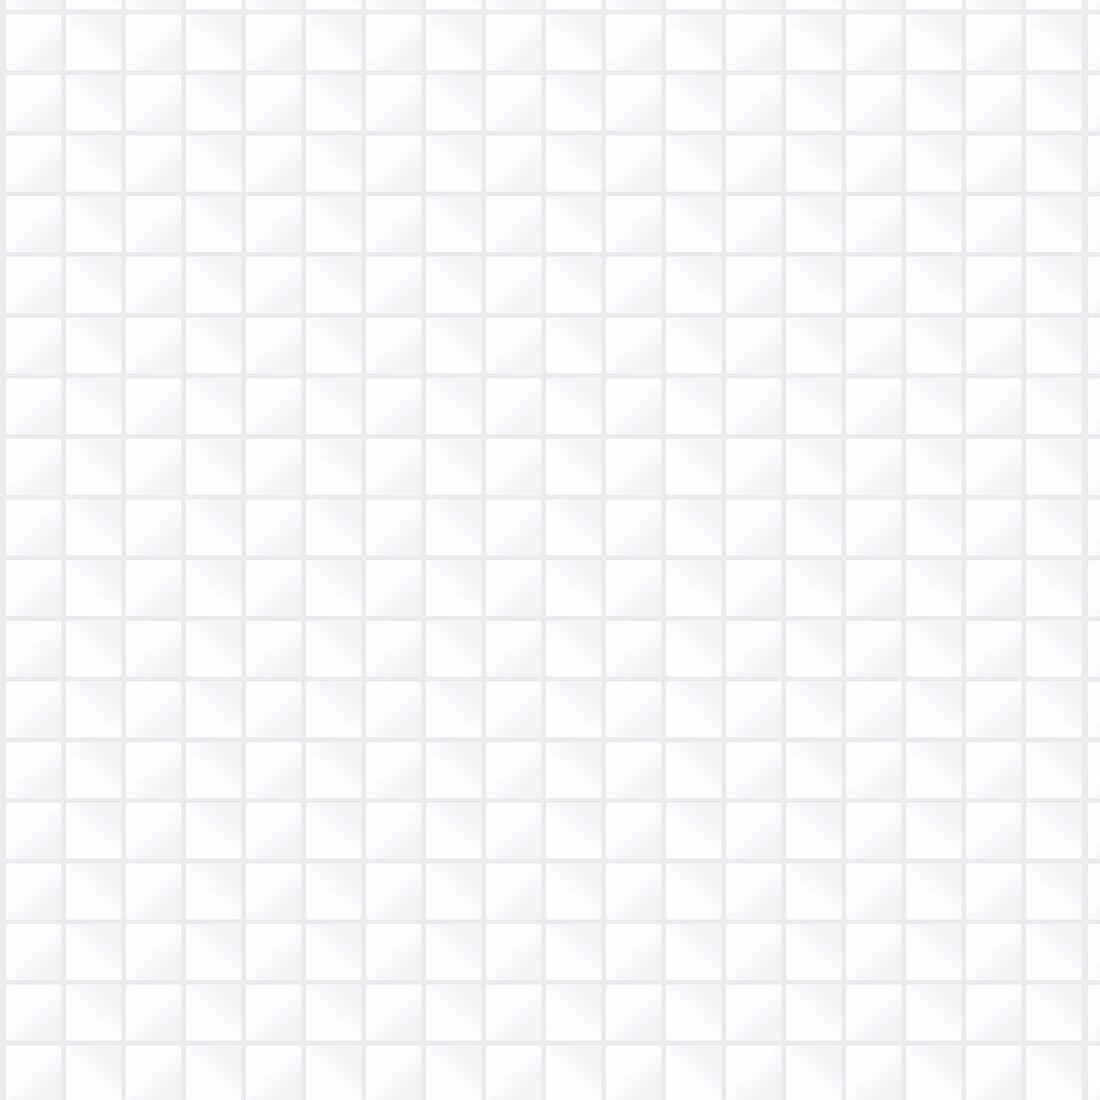 Loja Artesanato Zona Sul ~ Adesivo De Parede Pastilha Branca Lavável Cozinha Banheiro R$ 46,90 em Mercado Livre